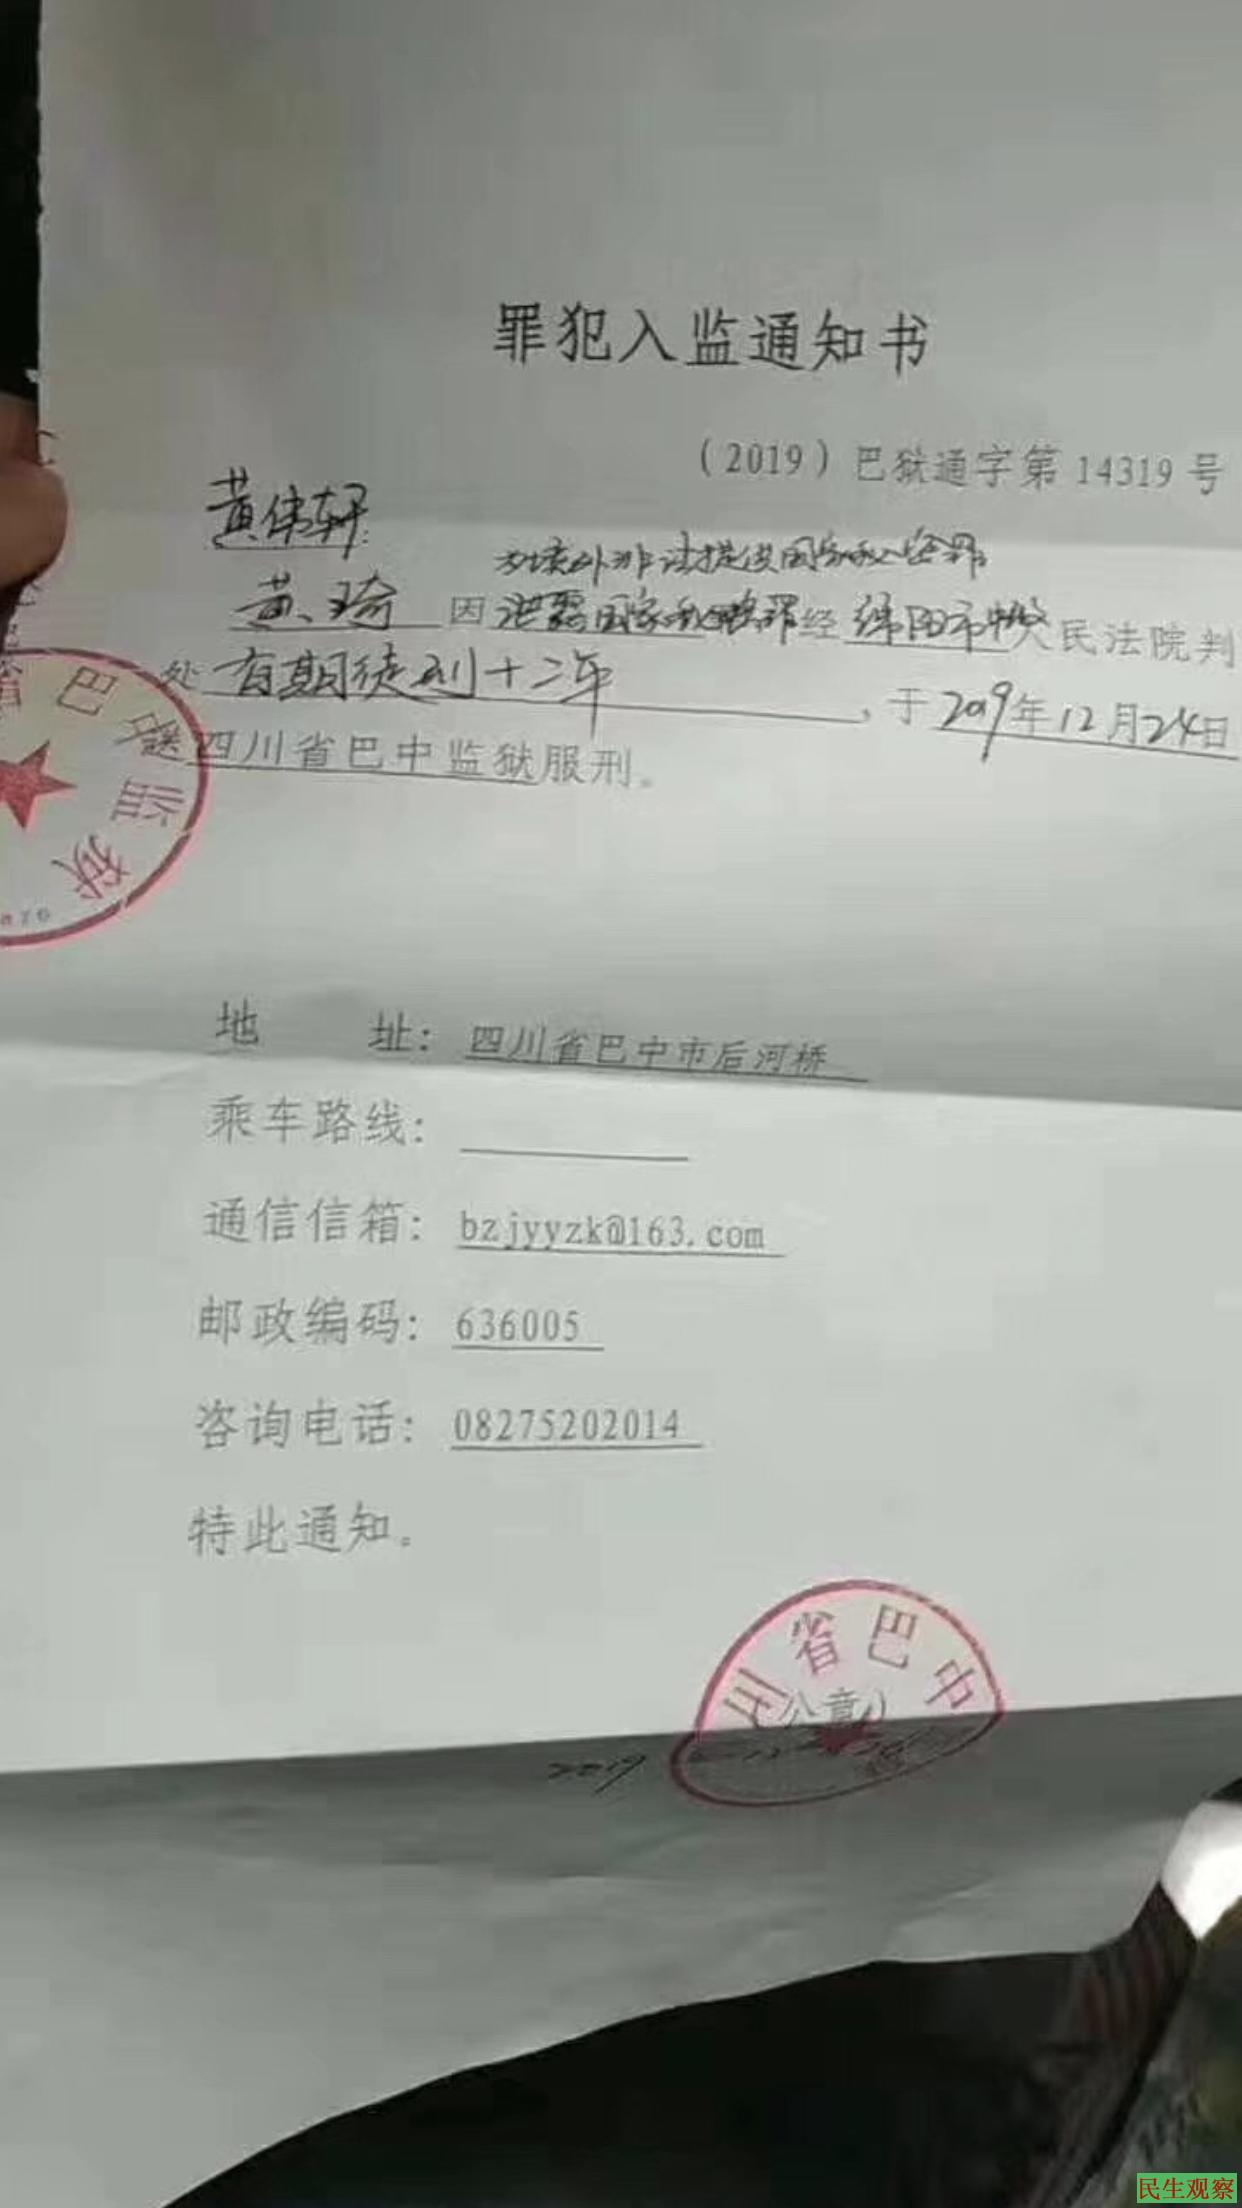 黄琦案二审维持原判平安夜被送监服刑